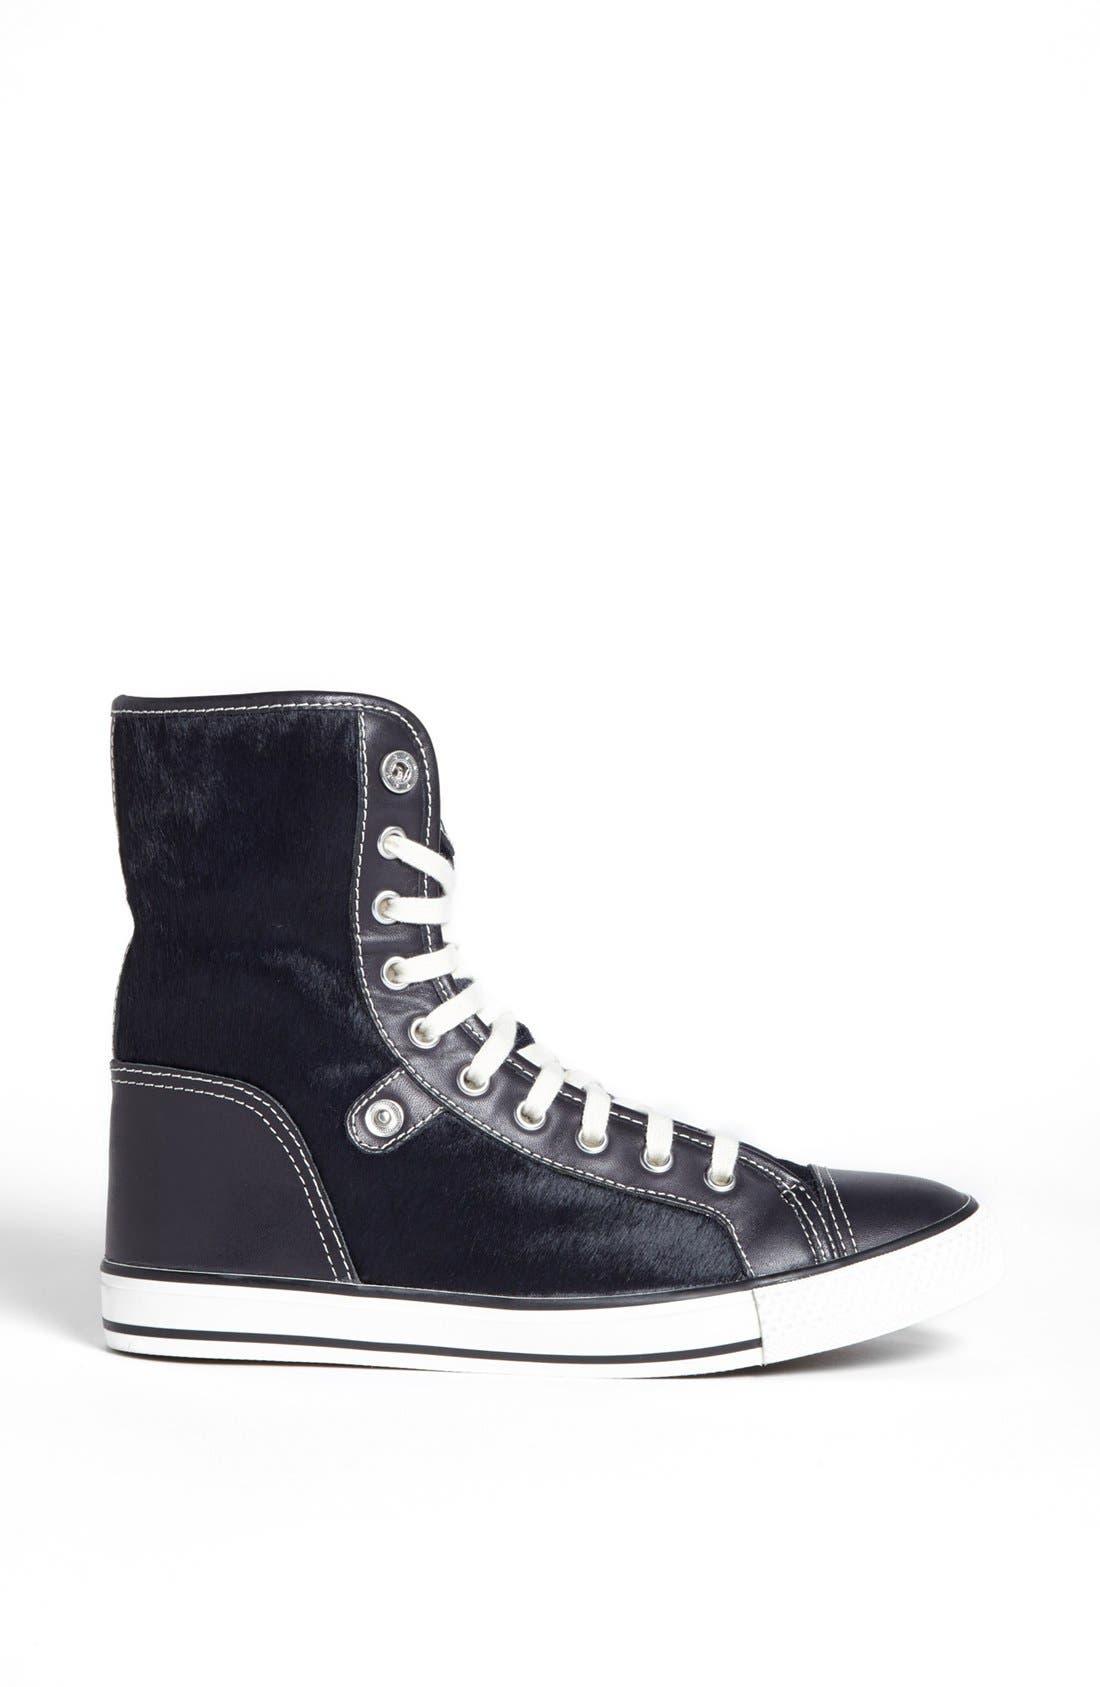 Alternate Image 3  - Tory Burch 'Benjamin' High Top Sneaker